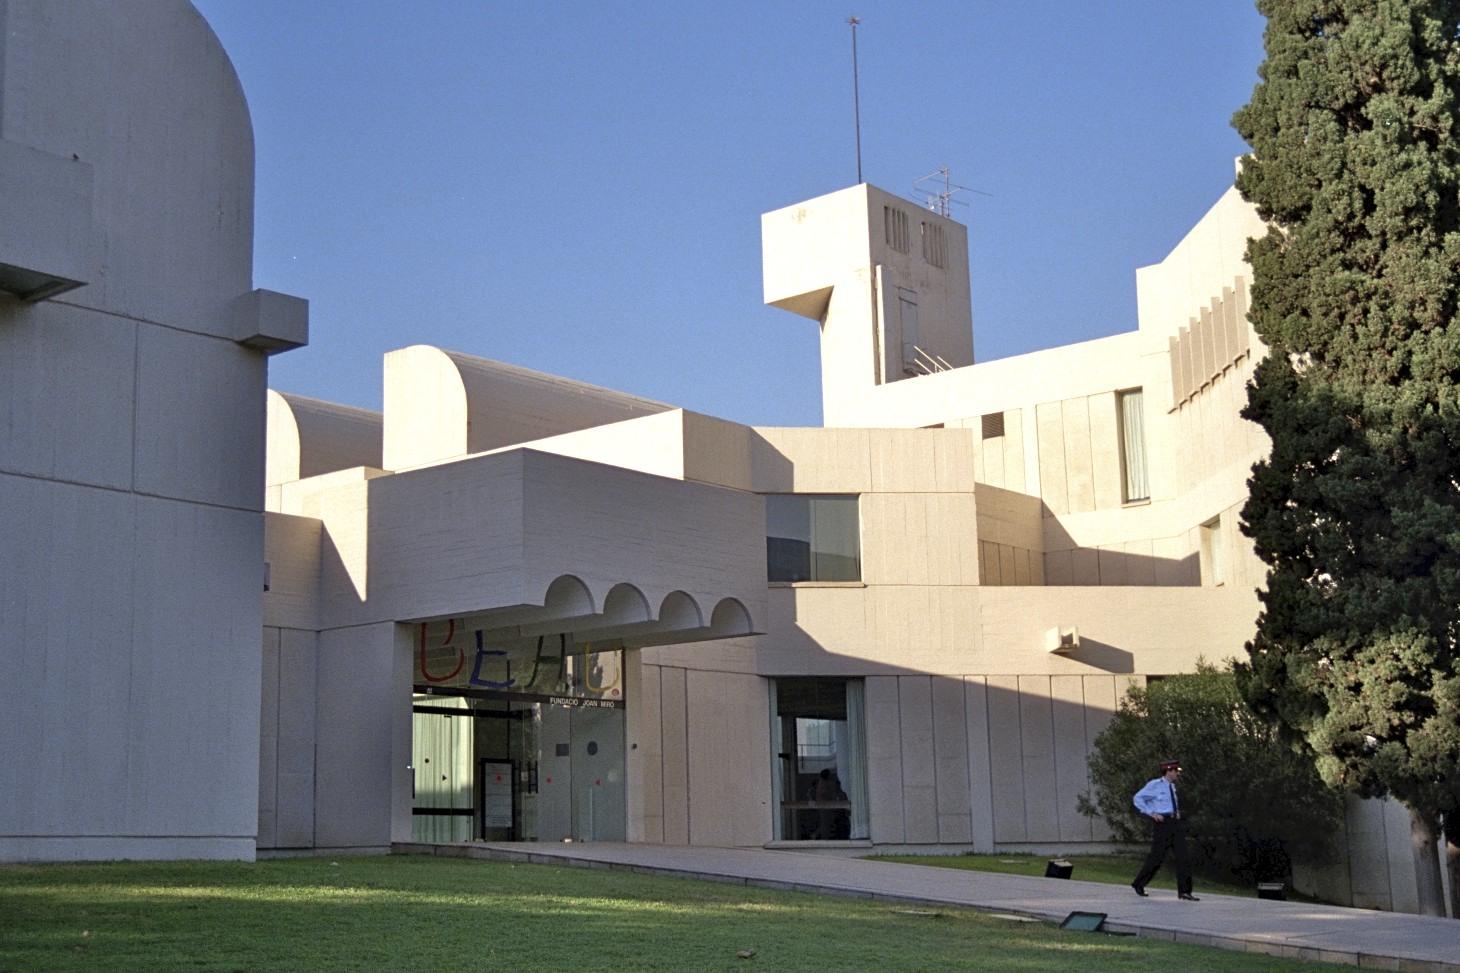 Fundacio Joan Miró, Barcelona